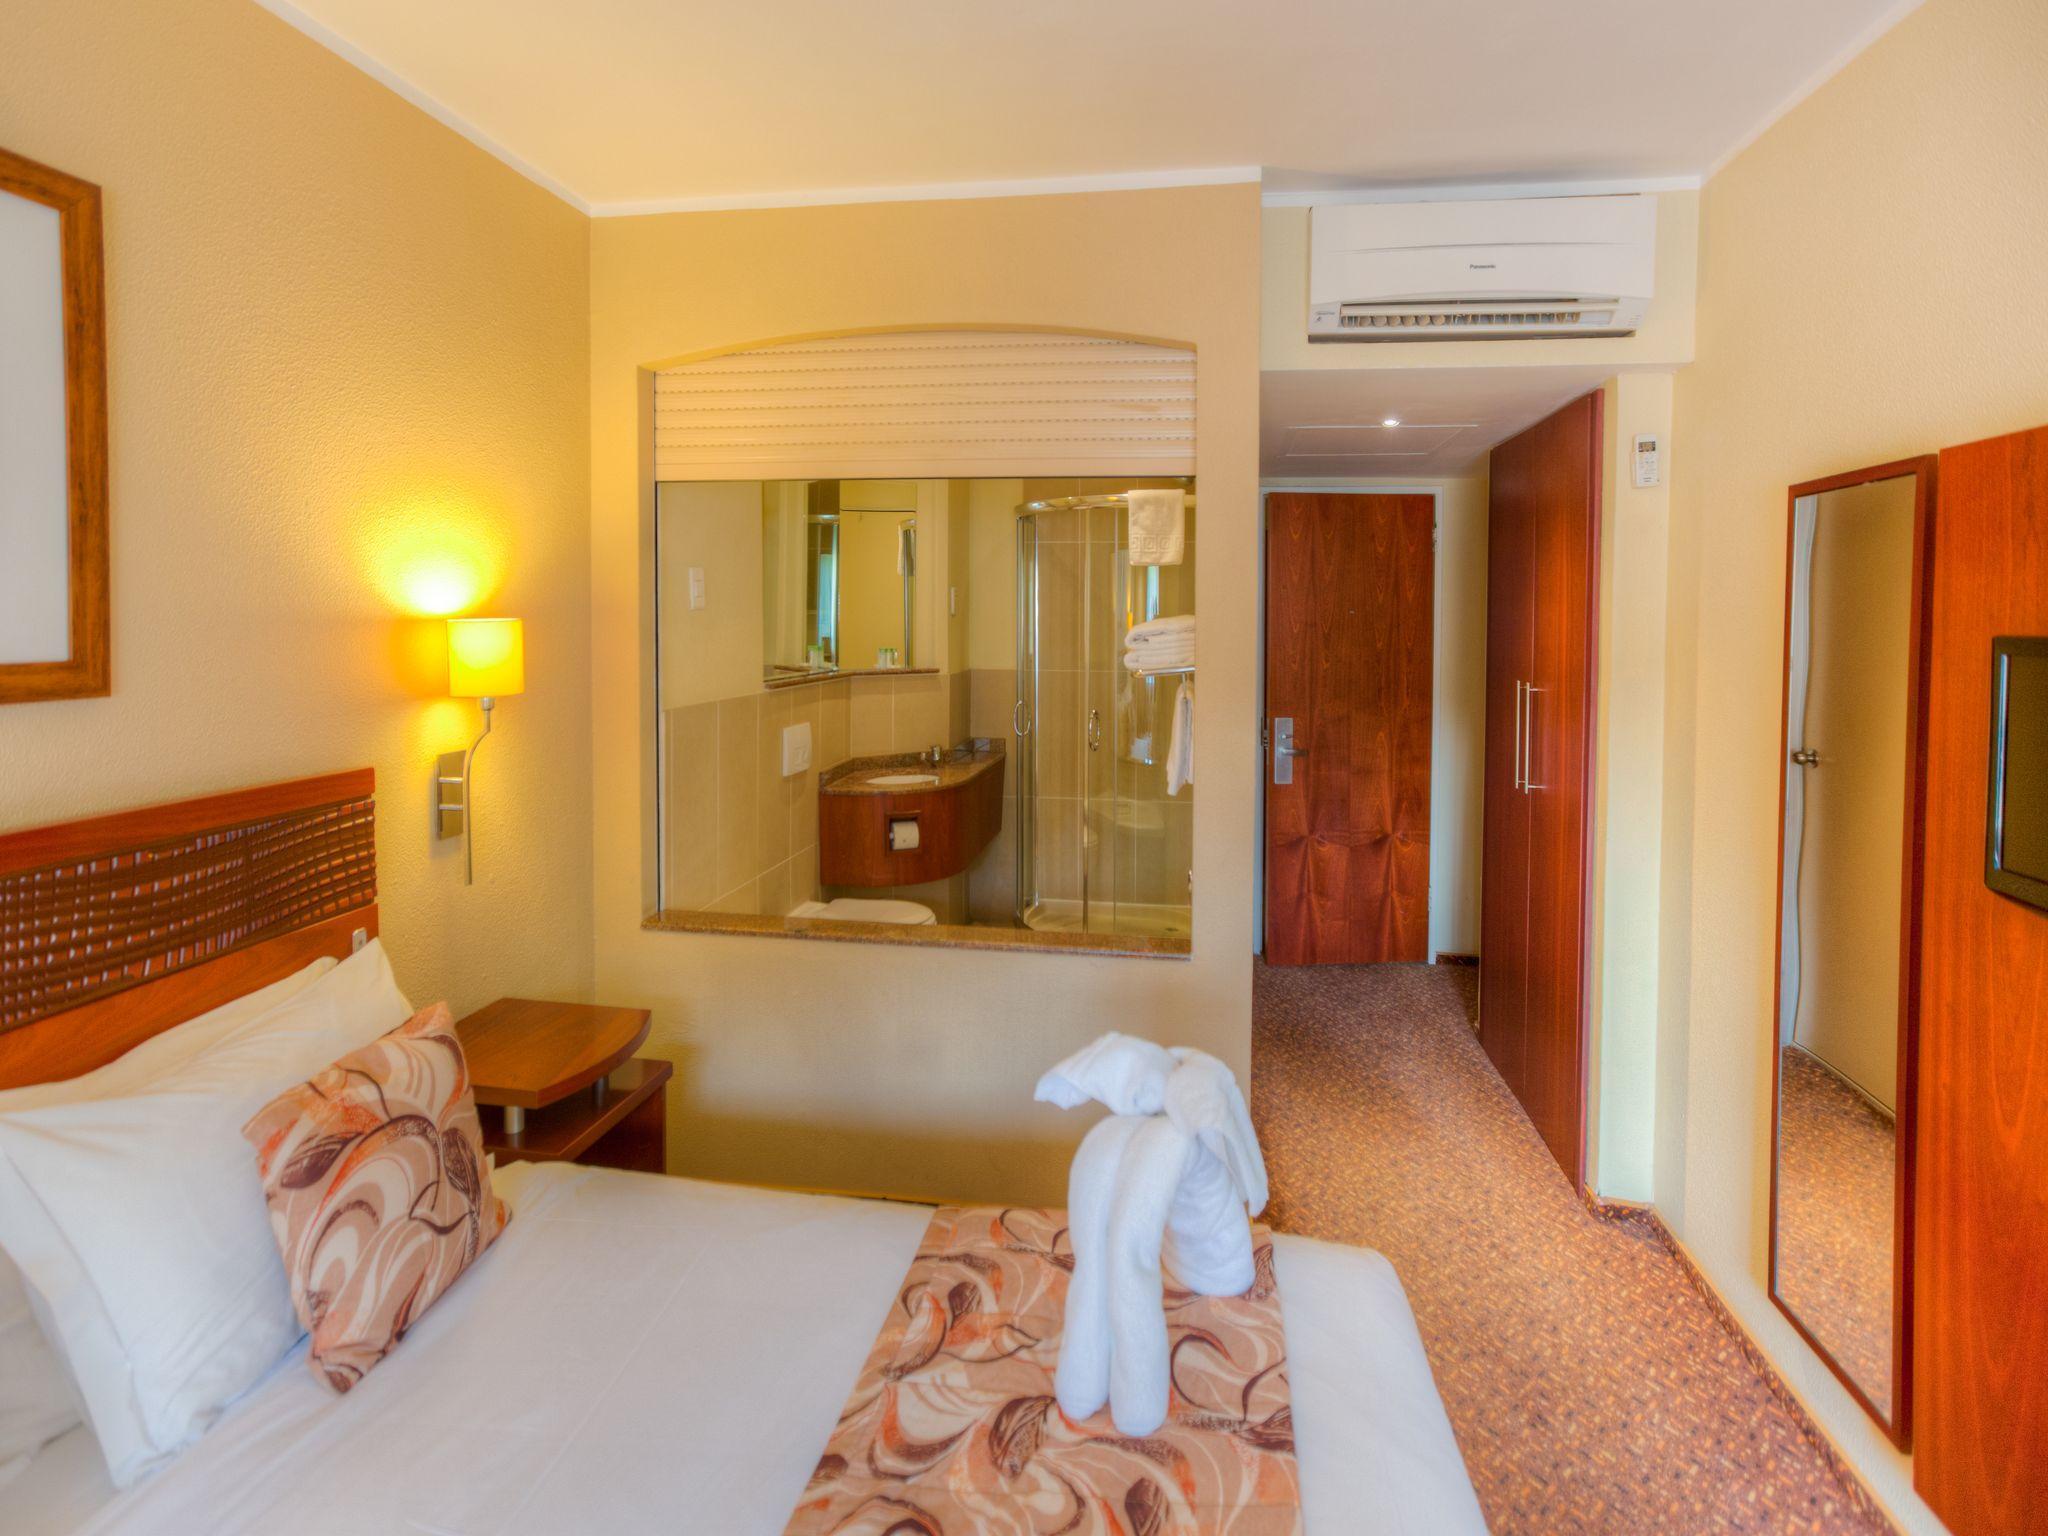 City Lodge Hotel Durban, eThekwini